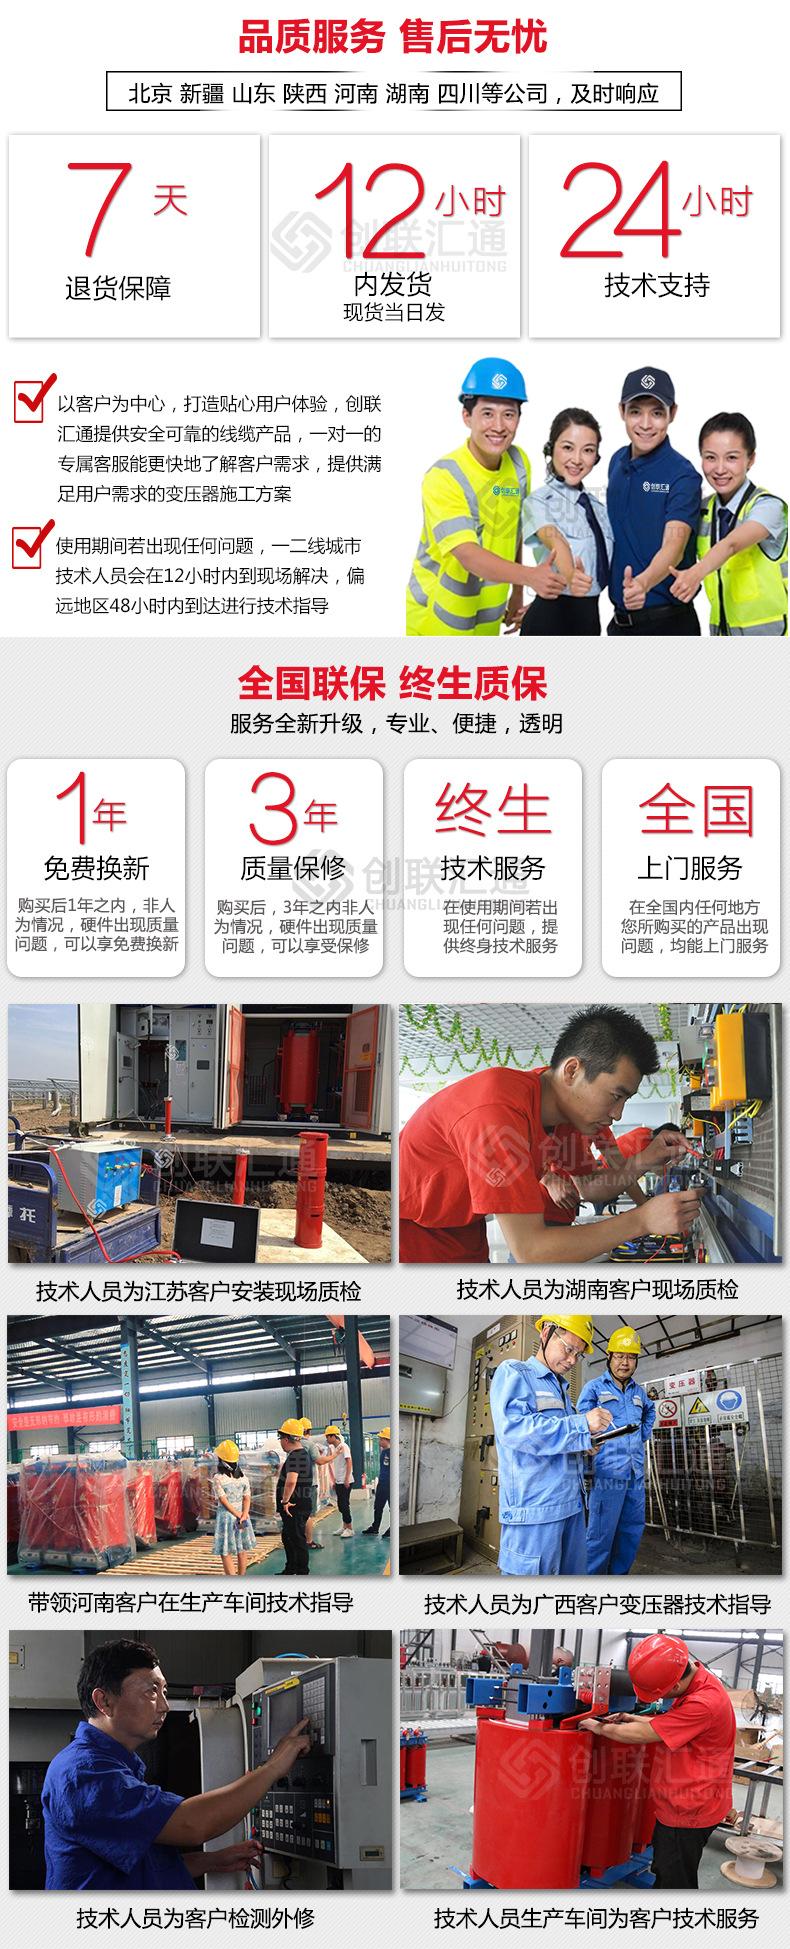 北京 厂家SCBH15-400kva非晶合金干式变压器价格-创联汇通示例图18